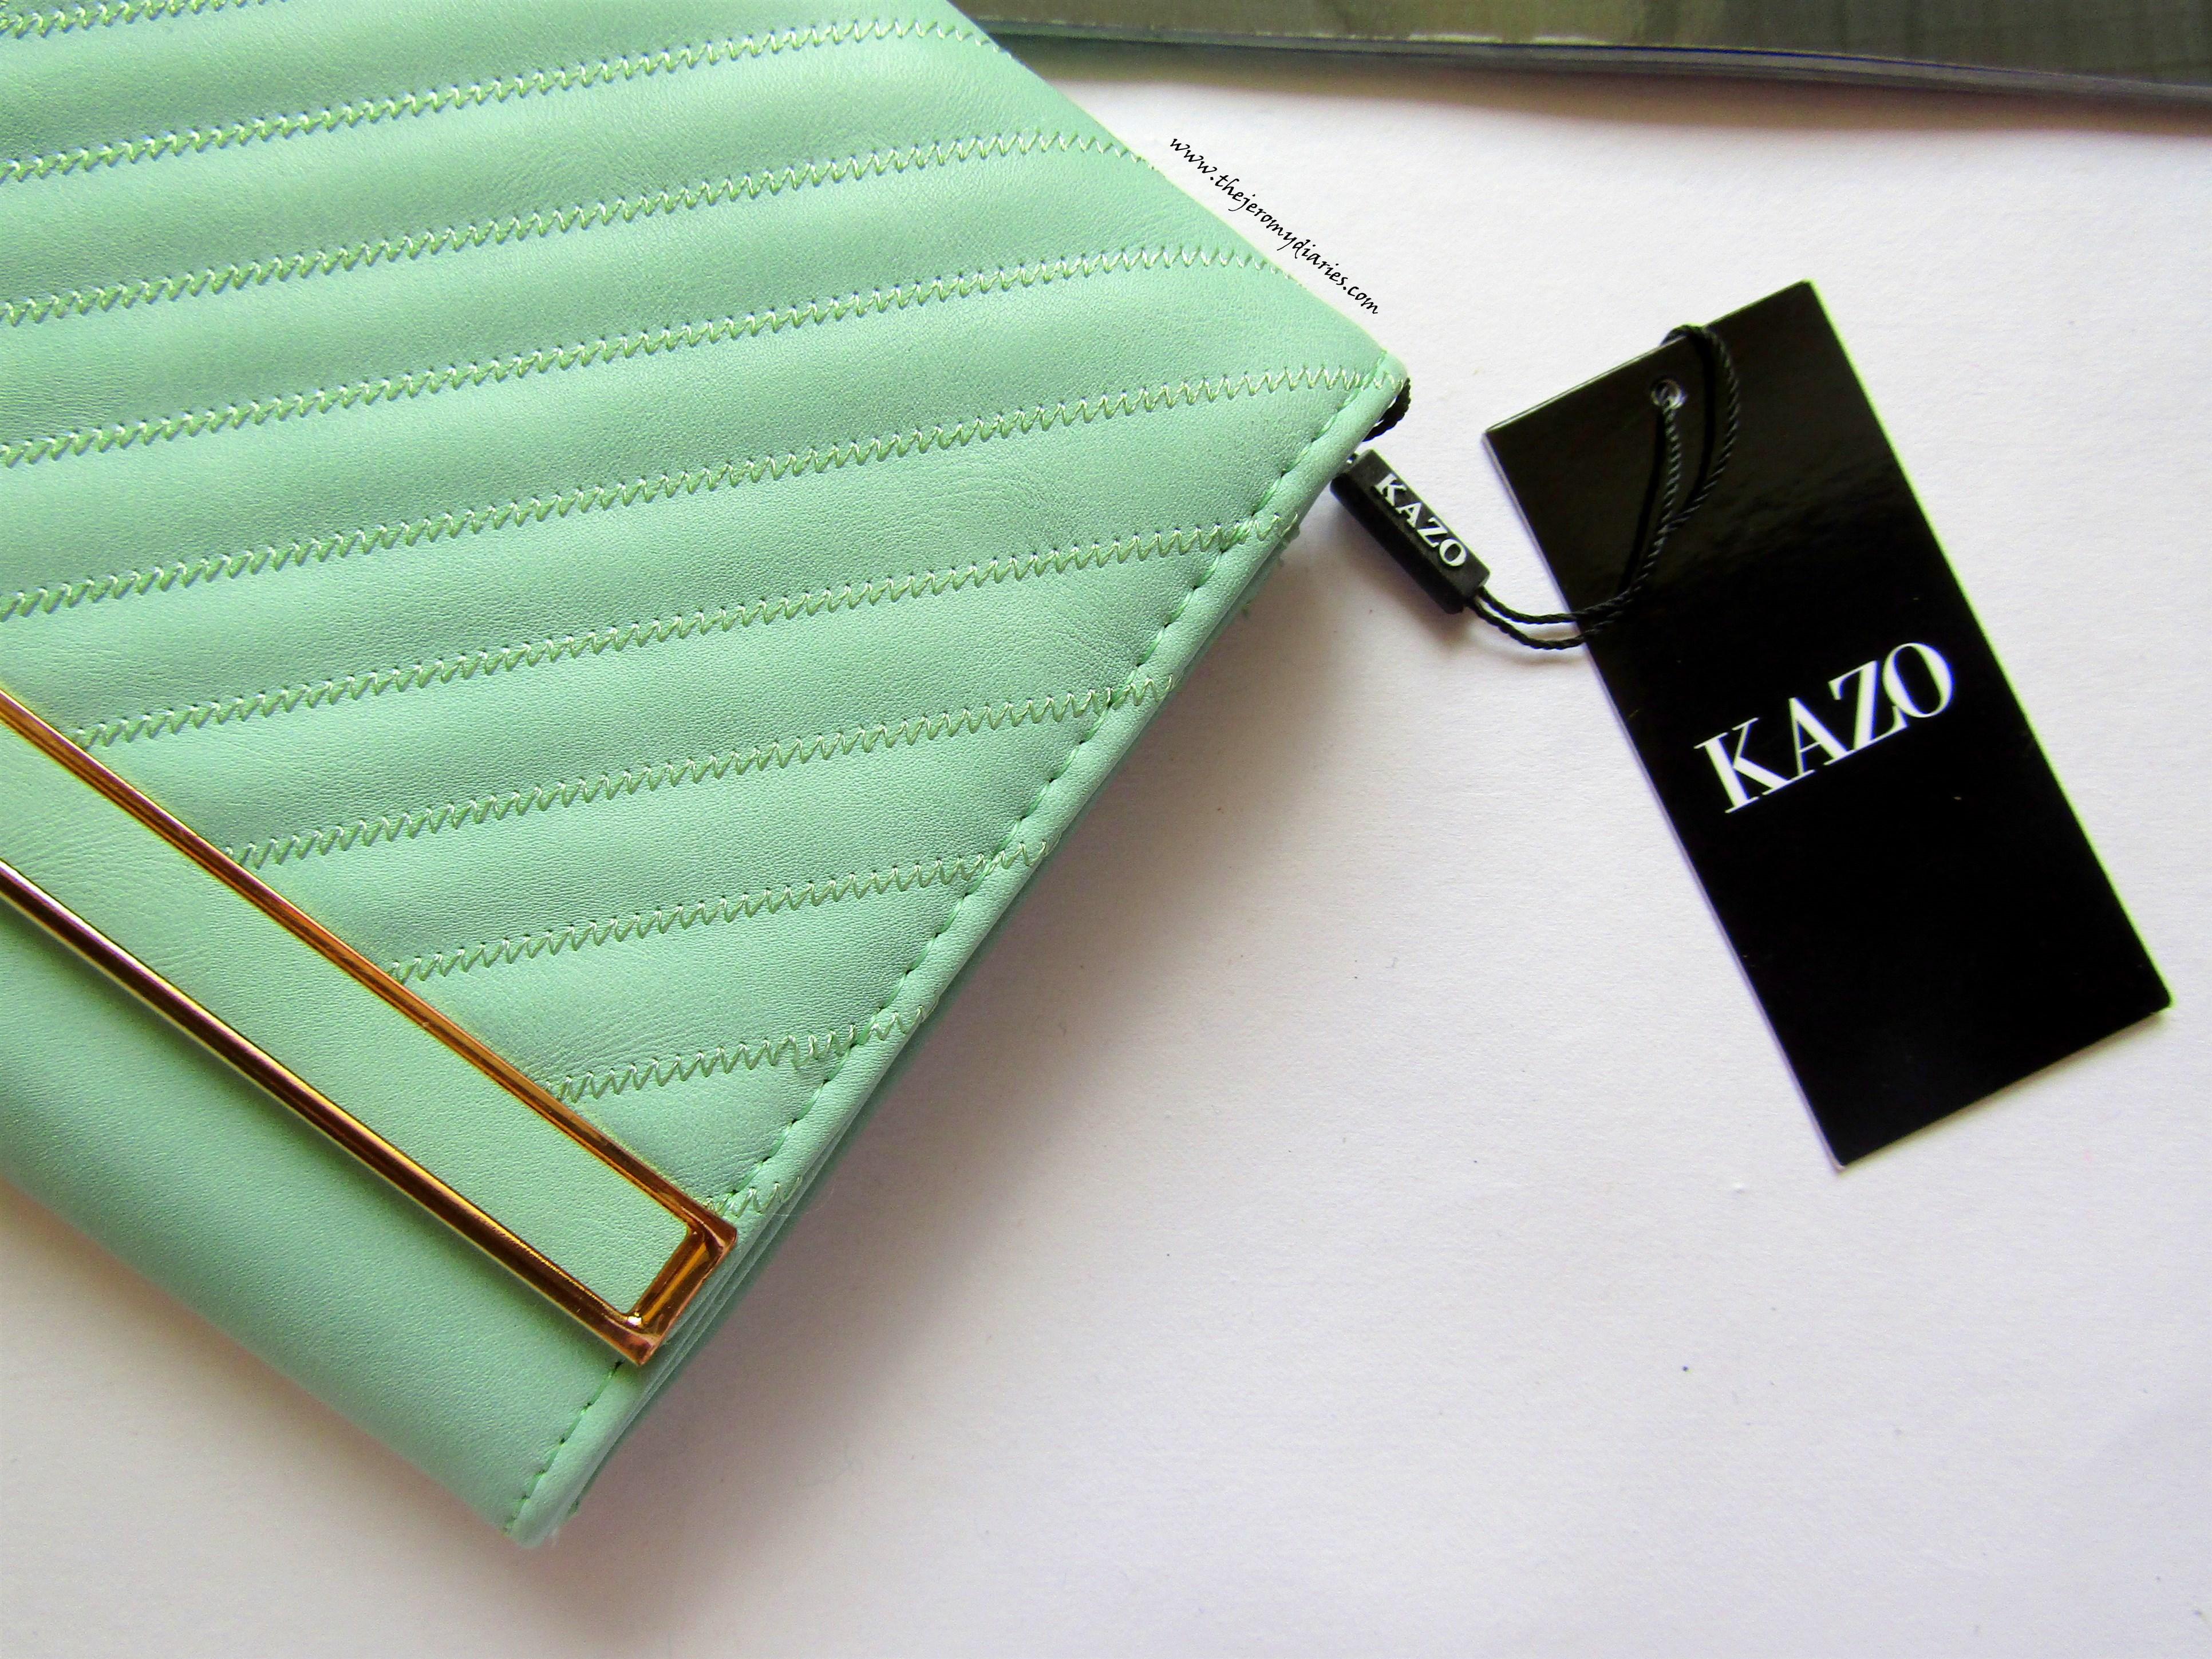 kazo pastel clutches the jeromy diaries (3864 x 2898)